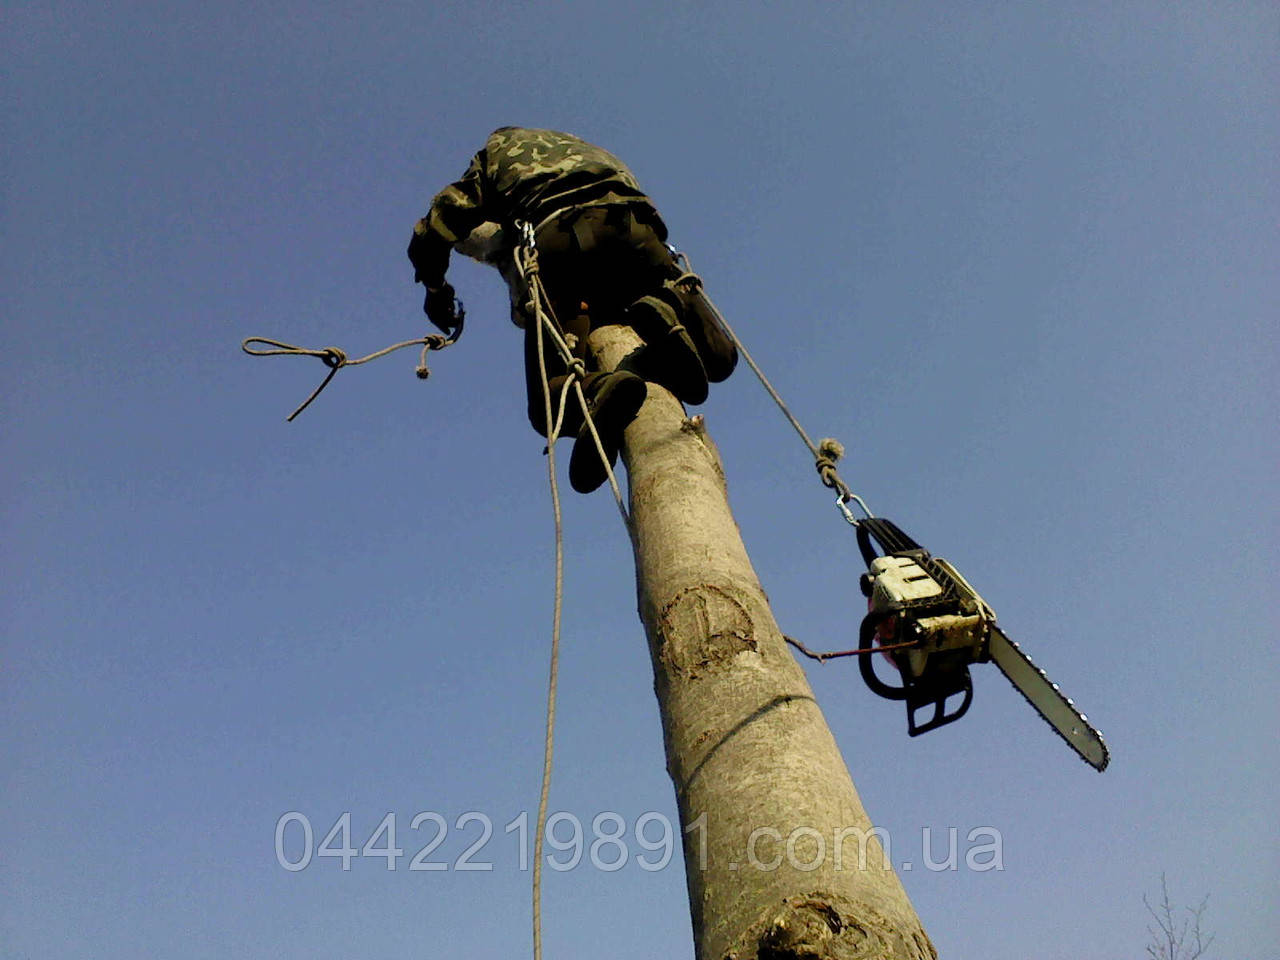 Удаление опасных деревьев Спиливание опасных, аварийных деревьев Удаление деревьев